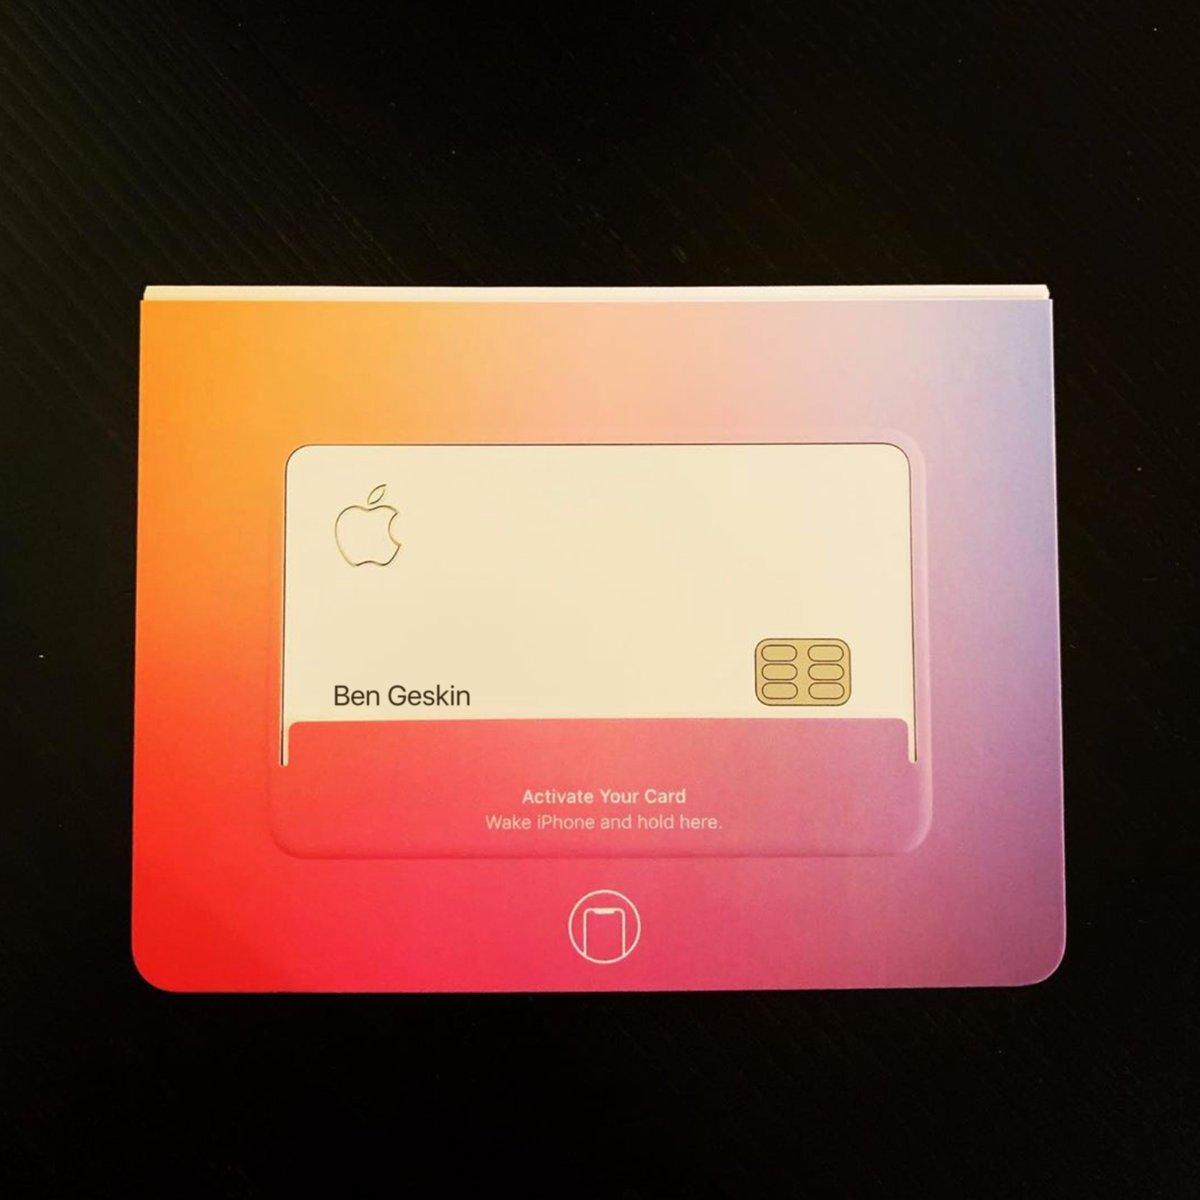 蘋果內部員工流出「Apple信用卡」實體照 「超極簡外觀」果粉超愛:完敗其他信用卡!